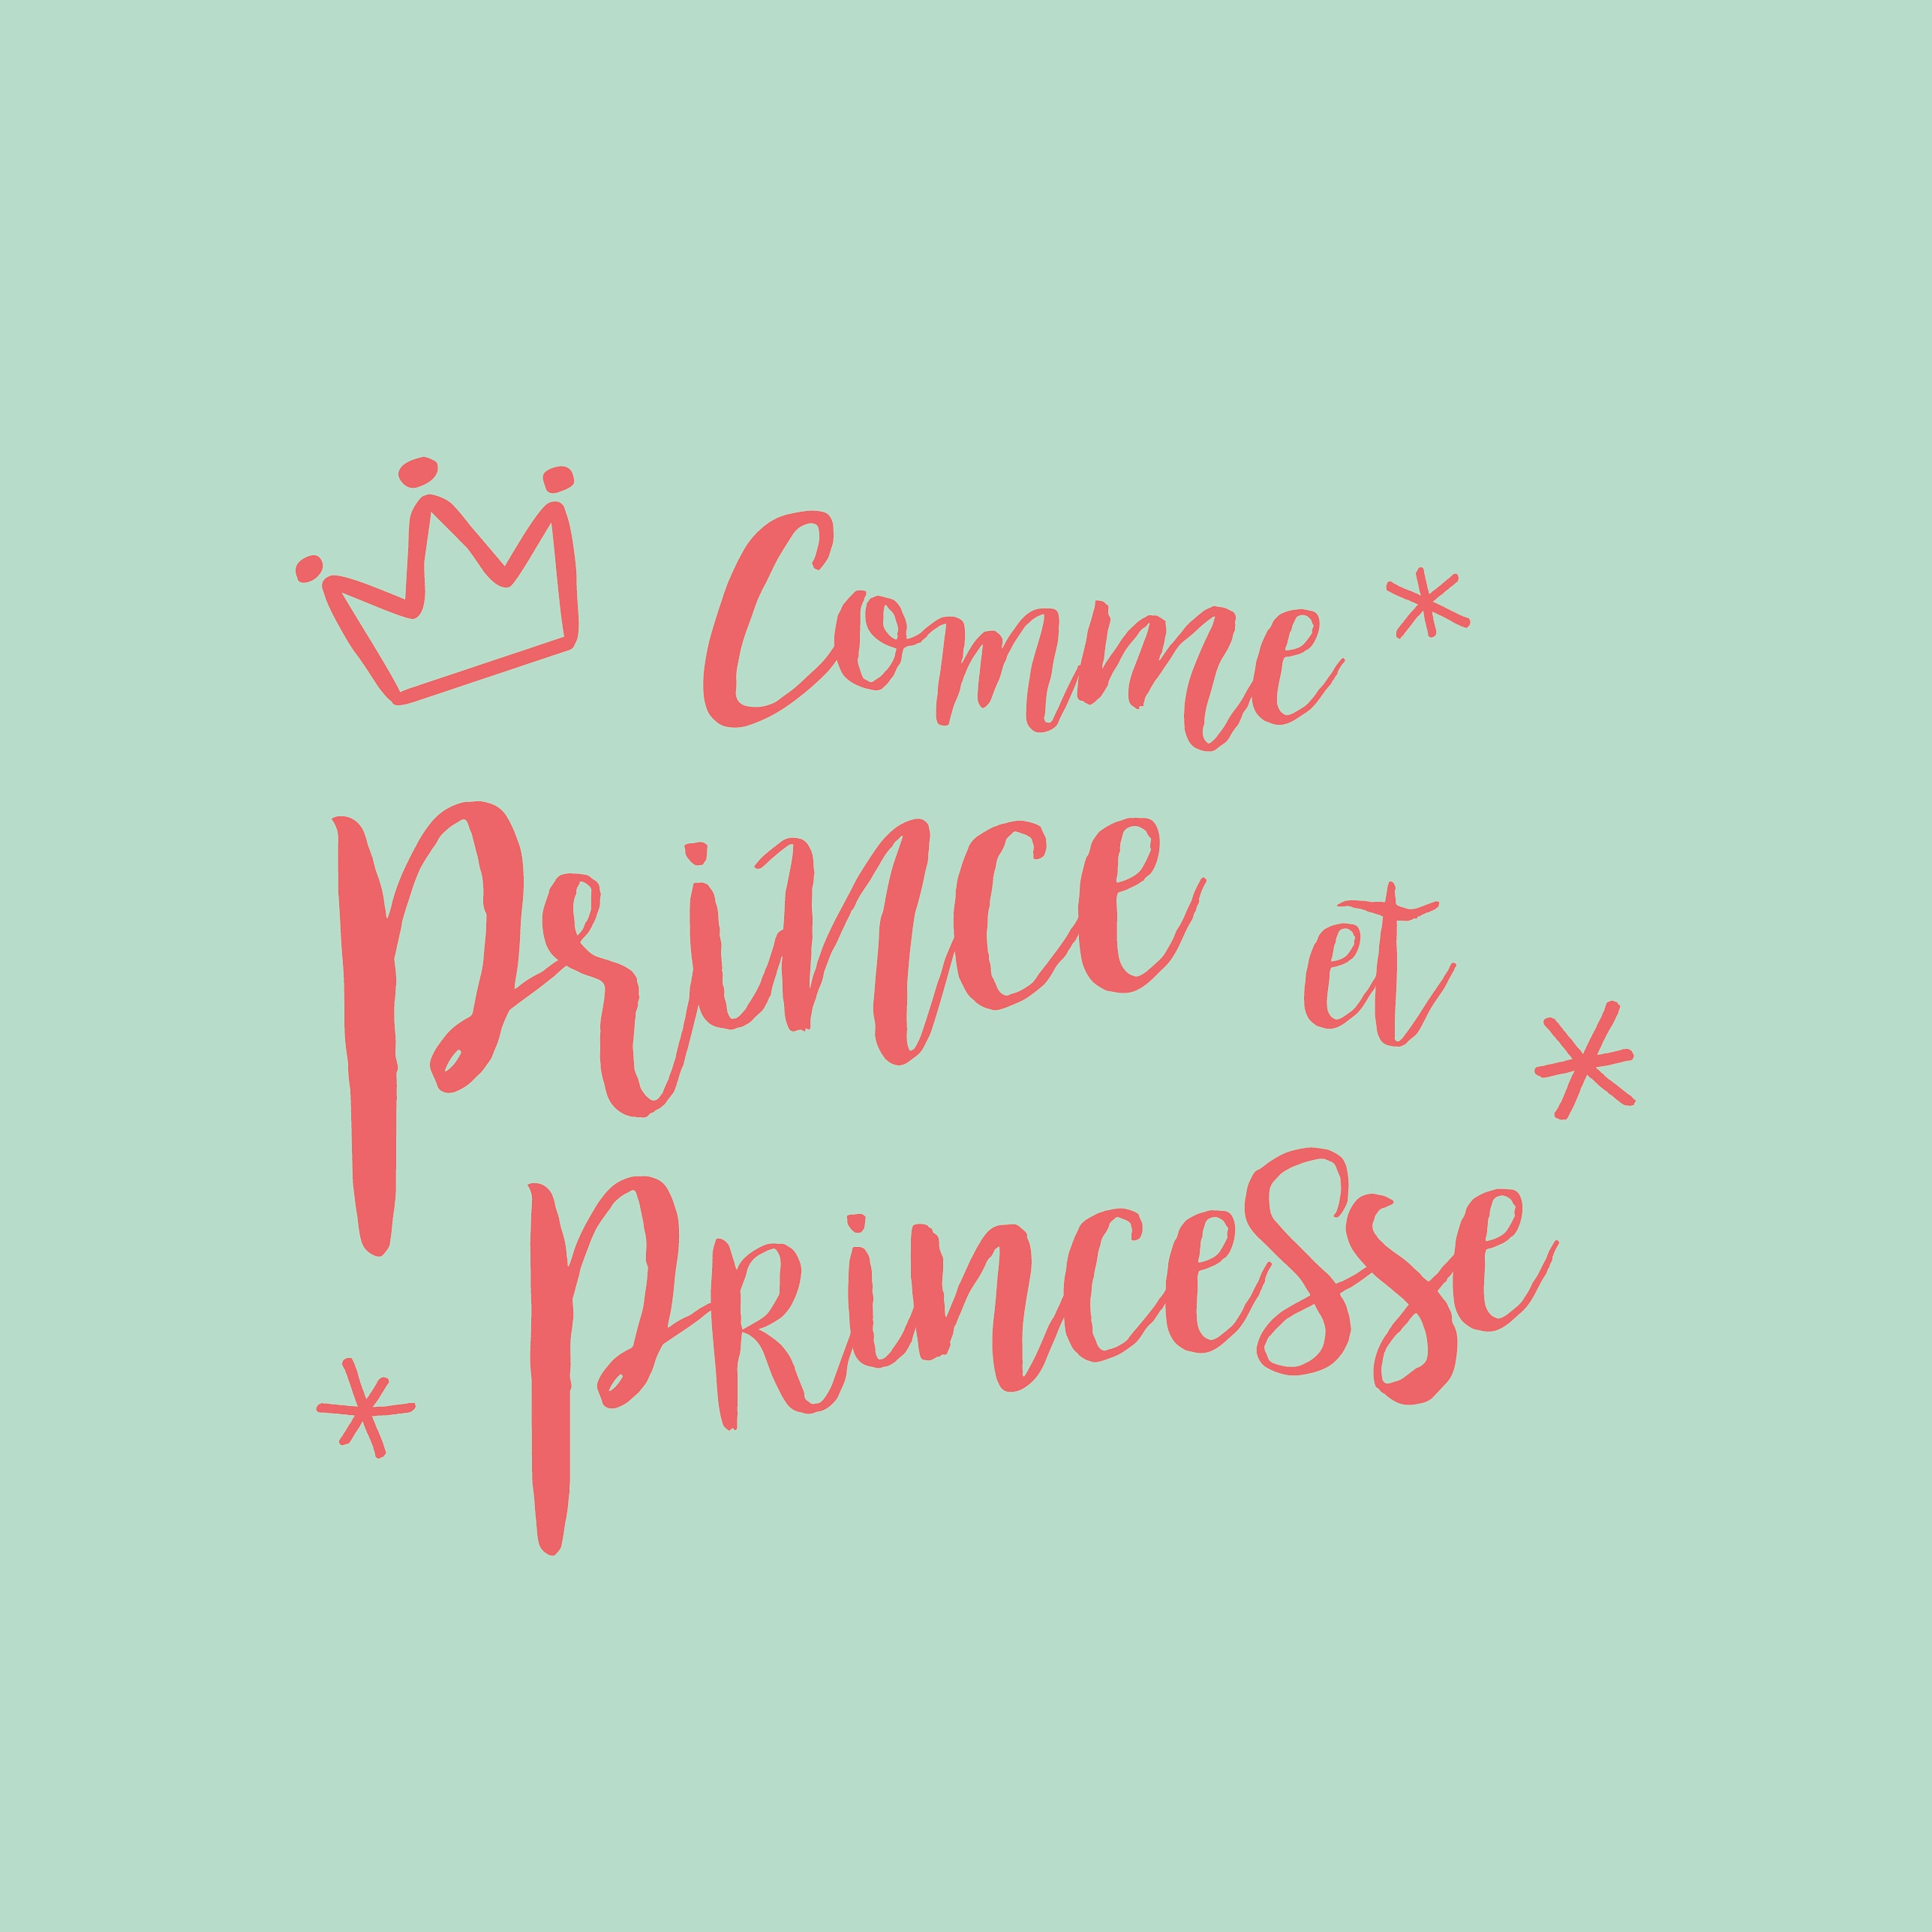 Comme Prince et Princesse